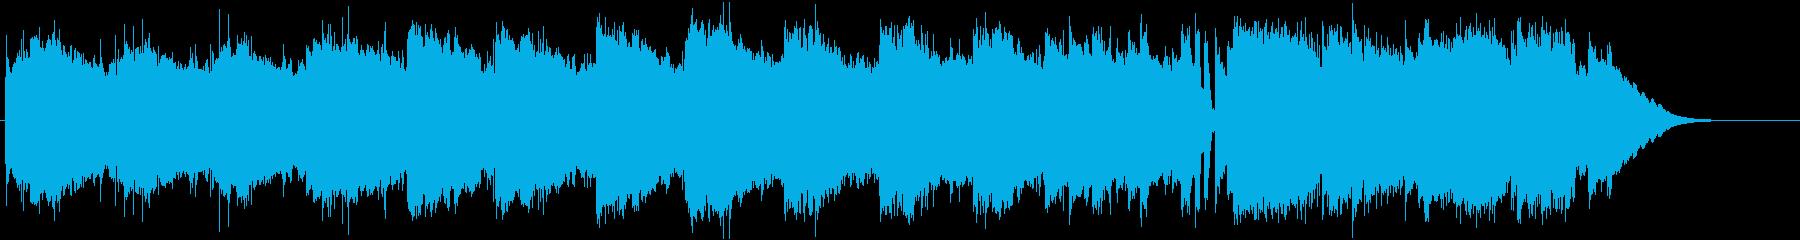 キラキラグロッケン、素朴なリードギターの再生済みの波形